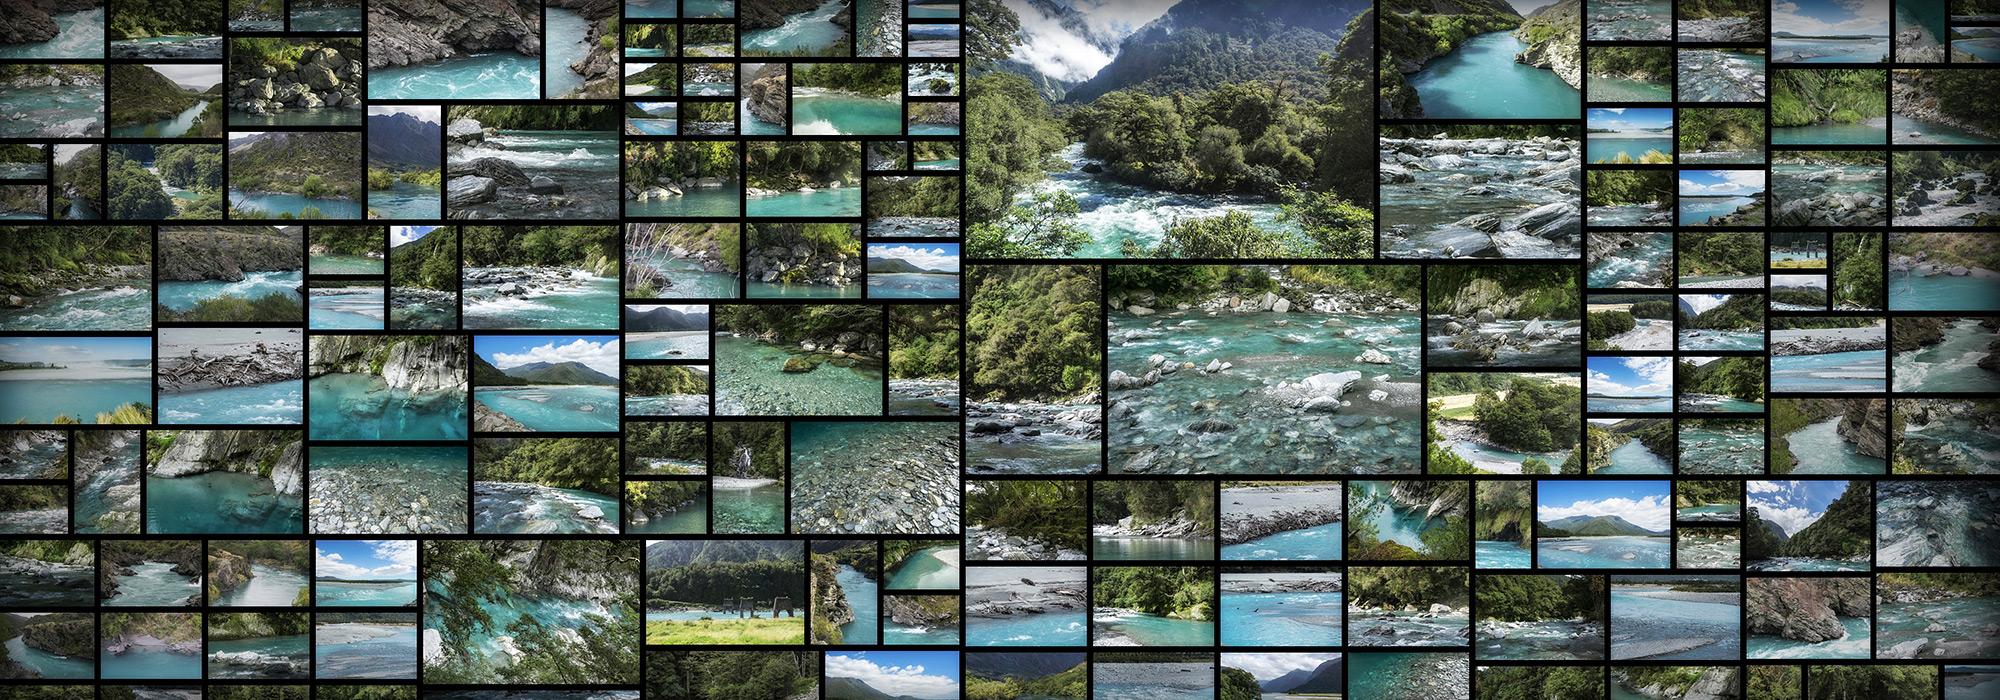 绿松石河 TURQUOISE RIVER